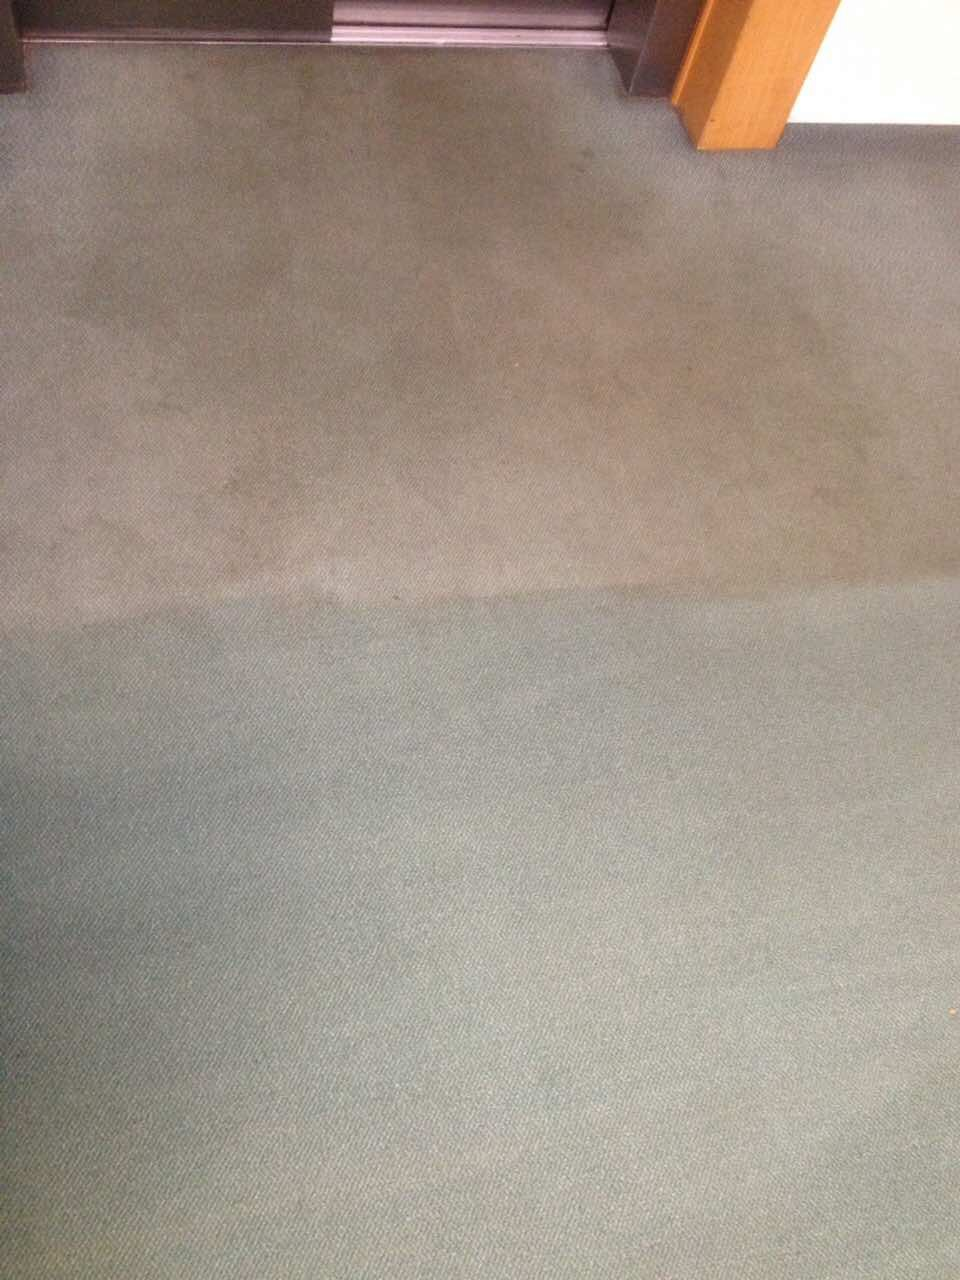 Lift előtti padlószőnyeg tisztítás Rotowash szőnyegtisztító géppel